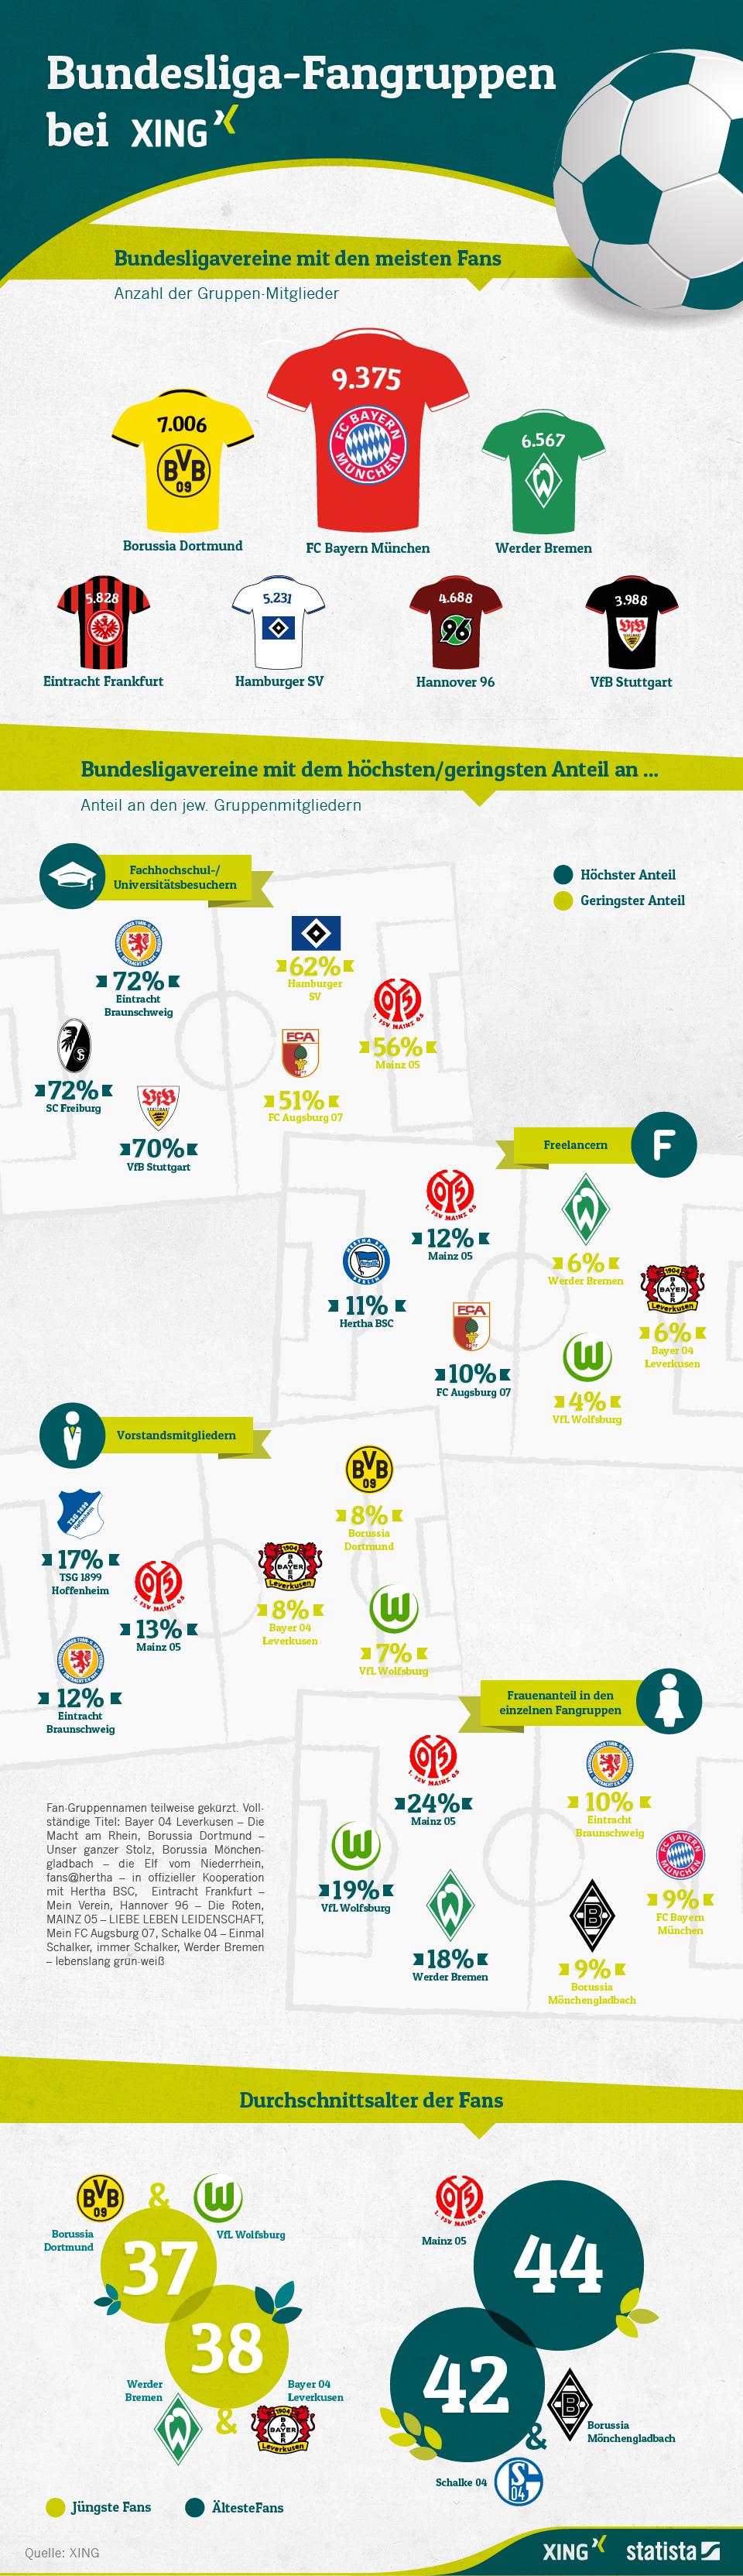 XING-Gruppen_Bundesliga_2014_Infografik_gross